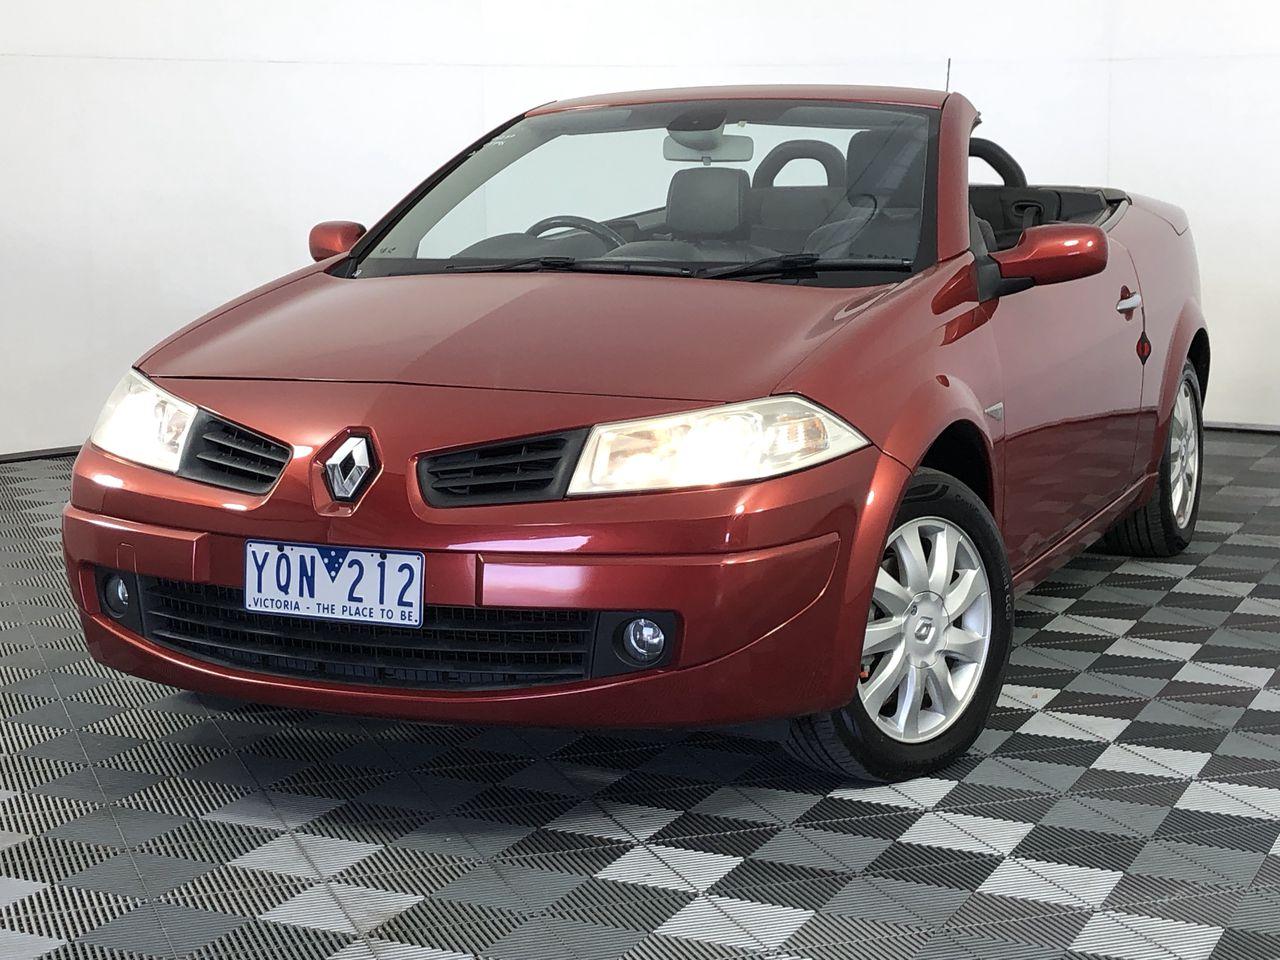 2007 Renault Megane Dynamique Automatic Convertible